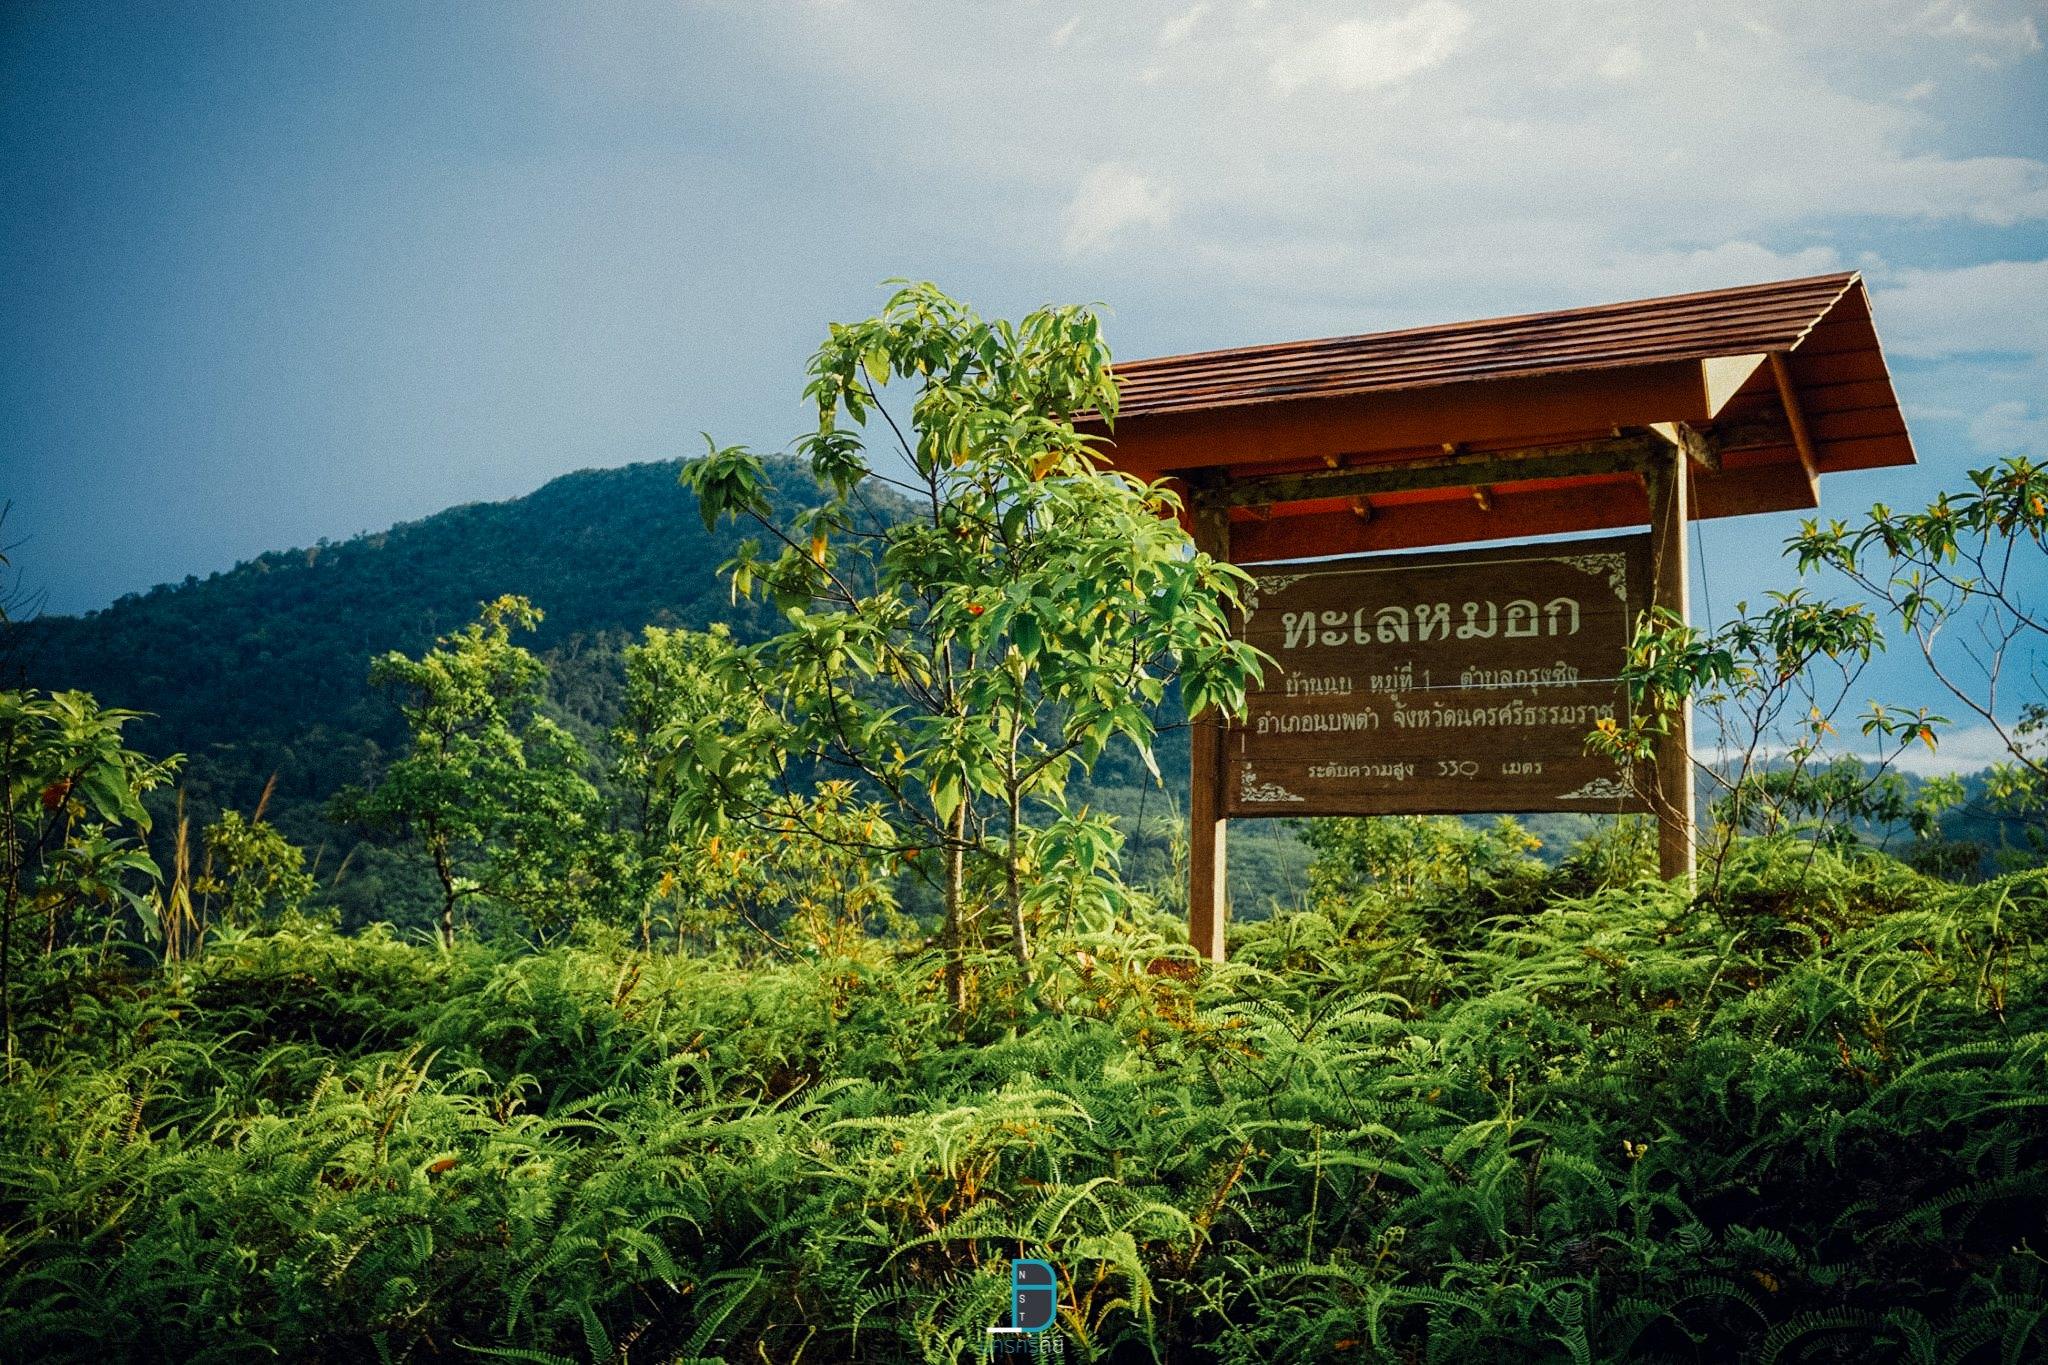 11 ที่เที่ยวธรรมชาติ ลำธาร ป่าเขา นครศรีธรรมราช วันหนึ่งฉันเดินเข้าป่า นครศรีดีย์